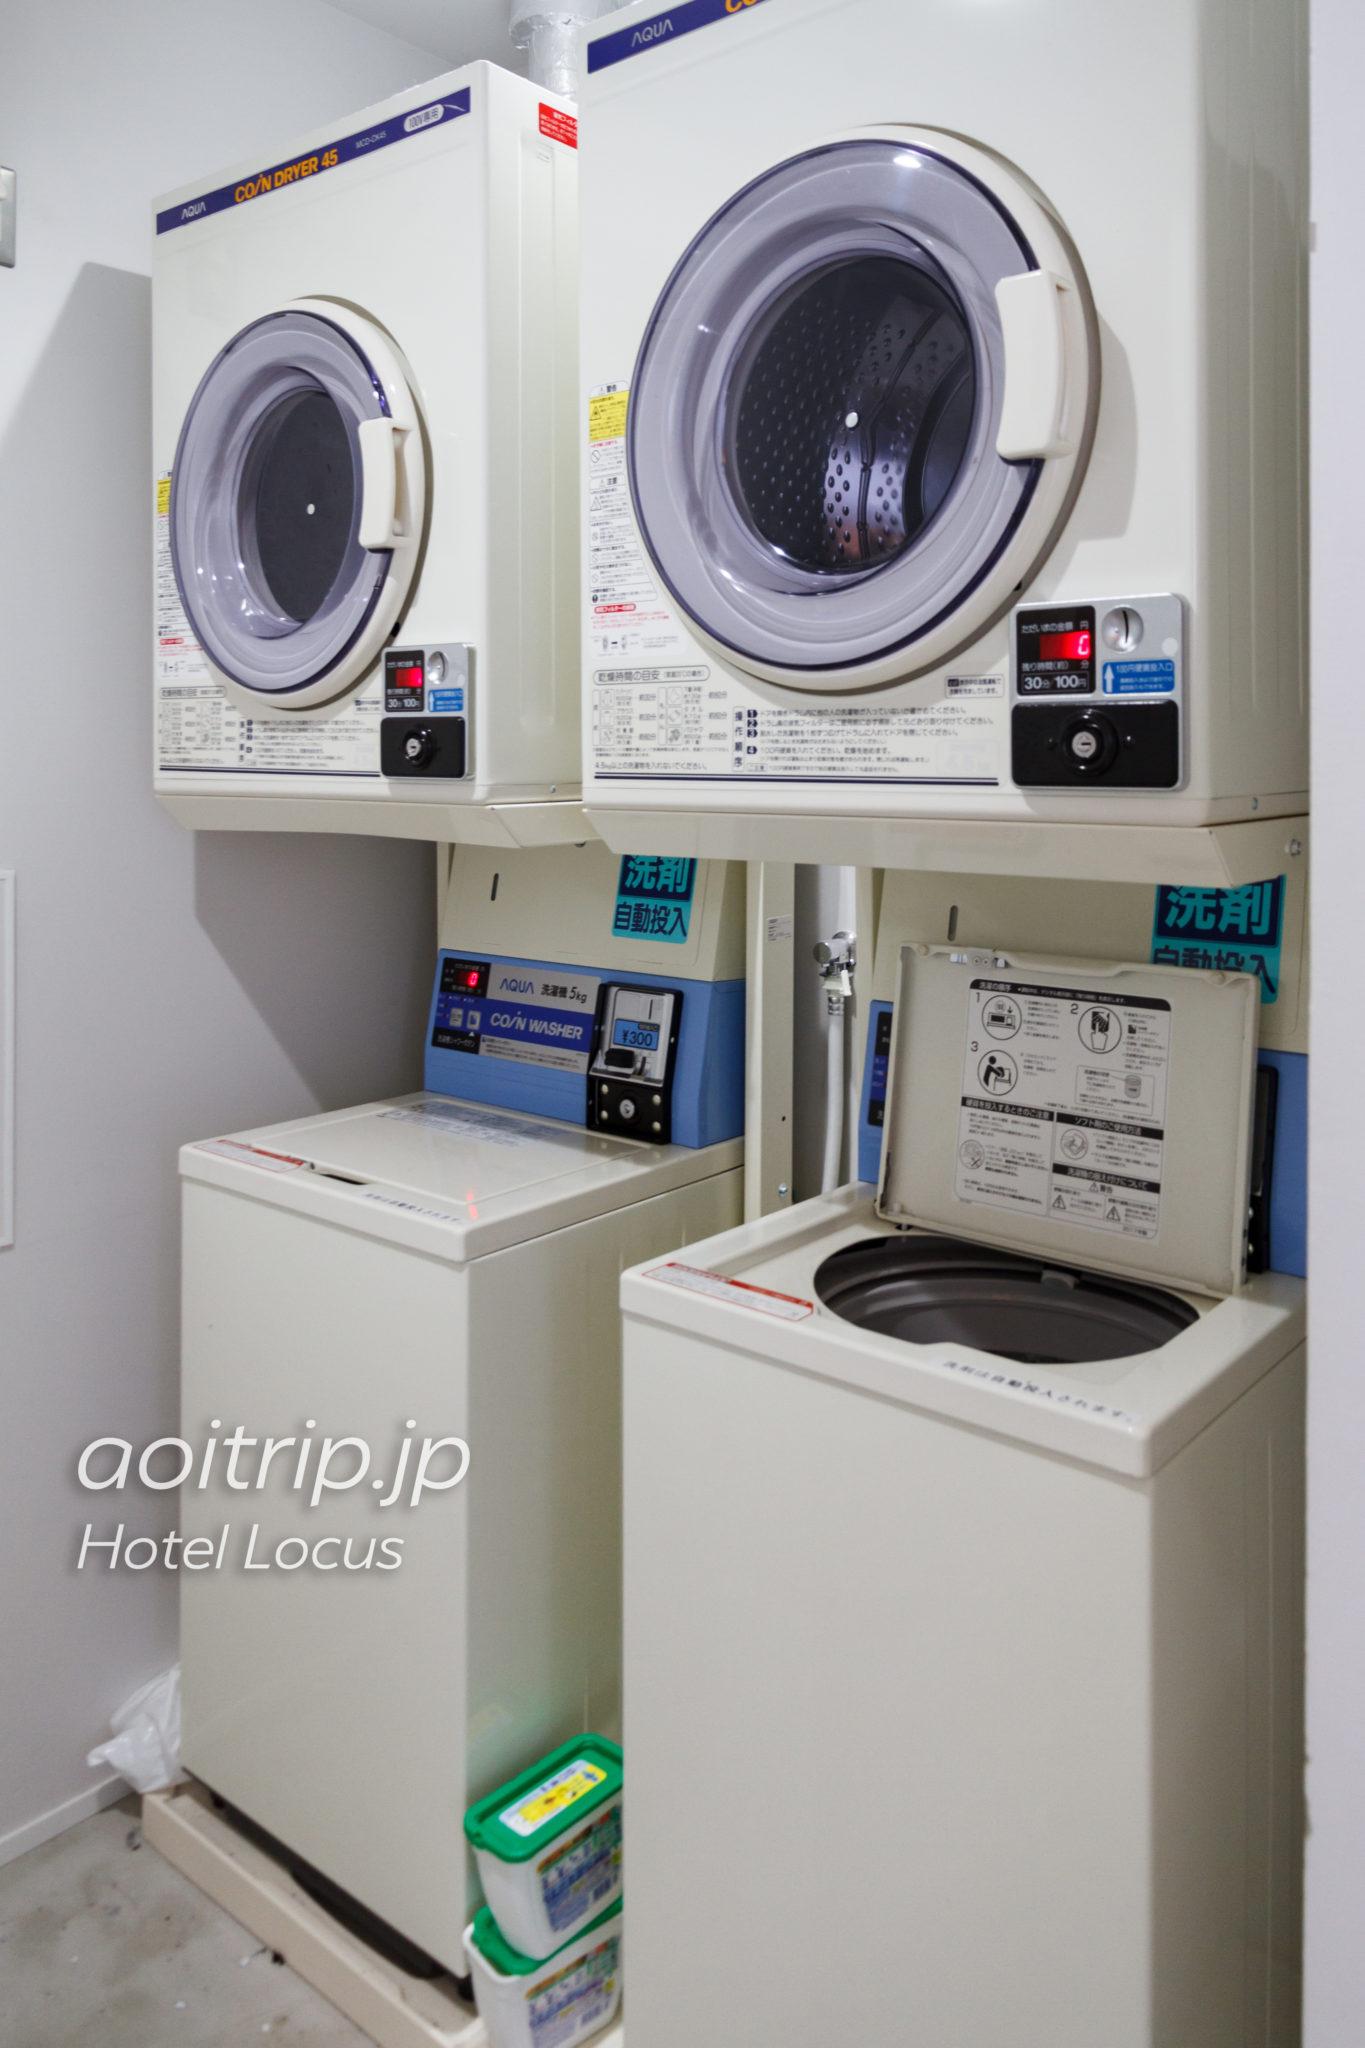 ホテルローカス宮古島の洗濯機